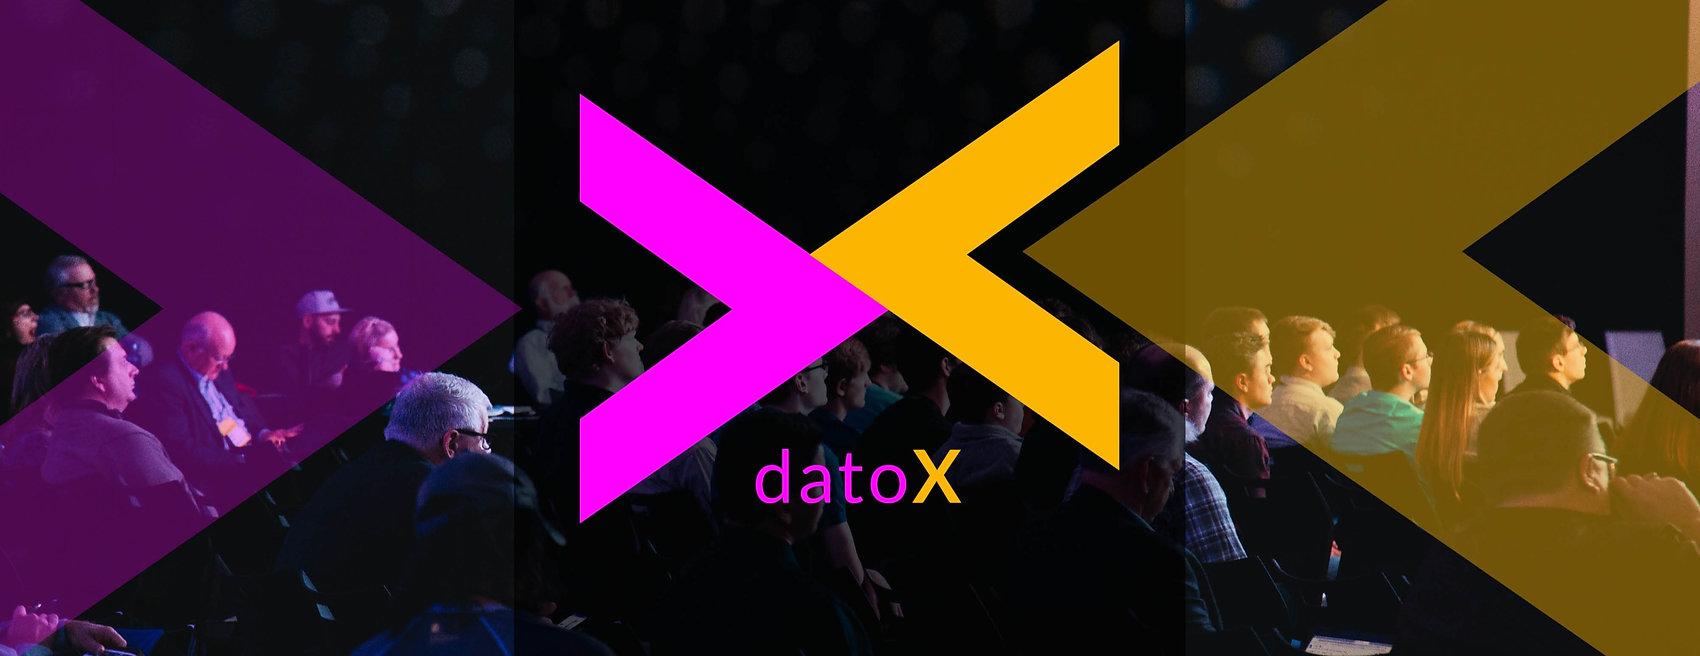 DatoX_Jeg%20er%20med_1920x10805_edited.j